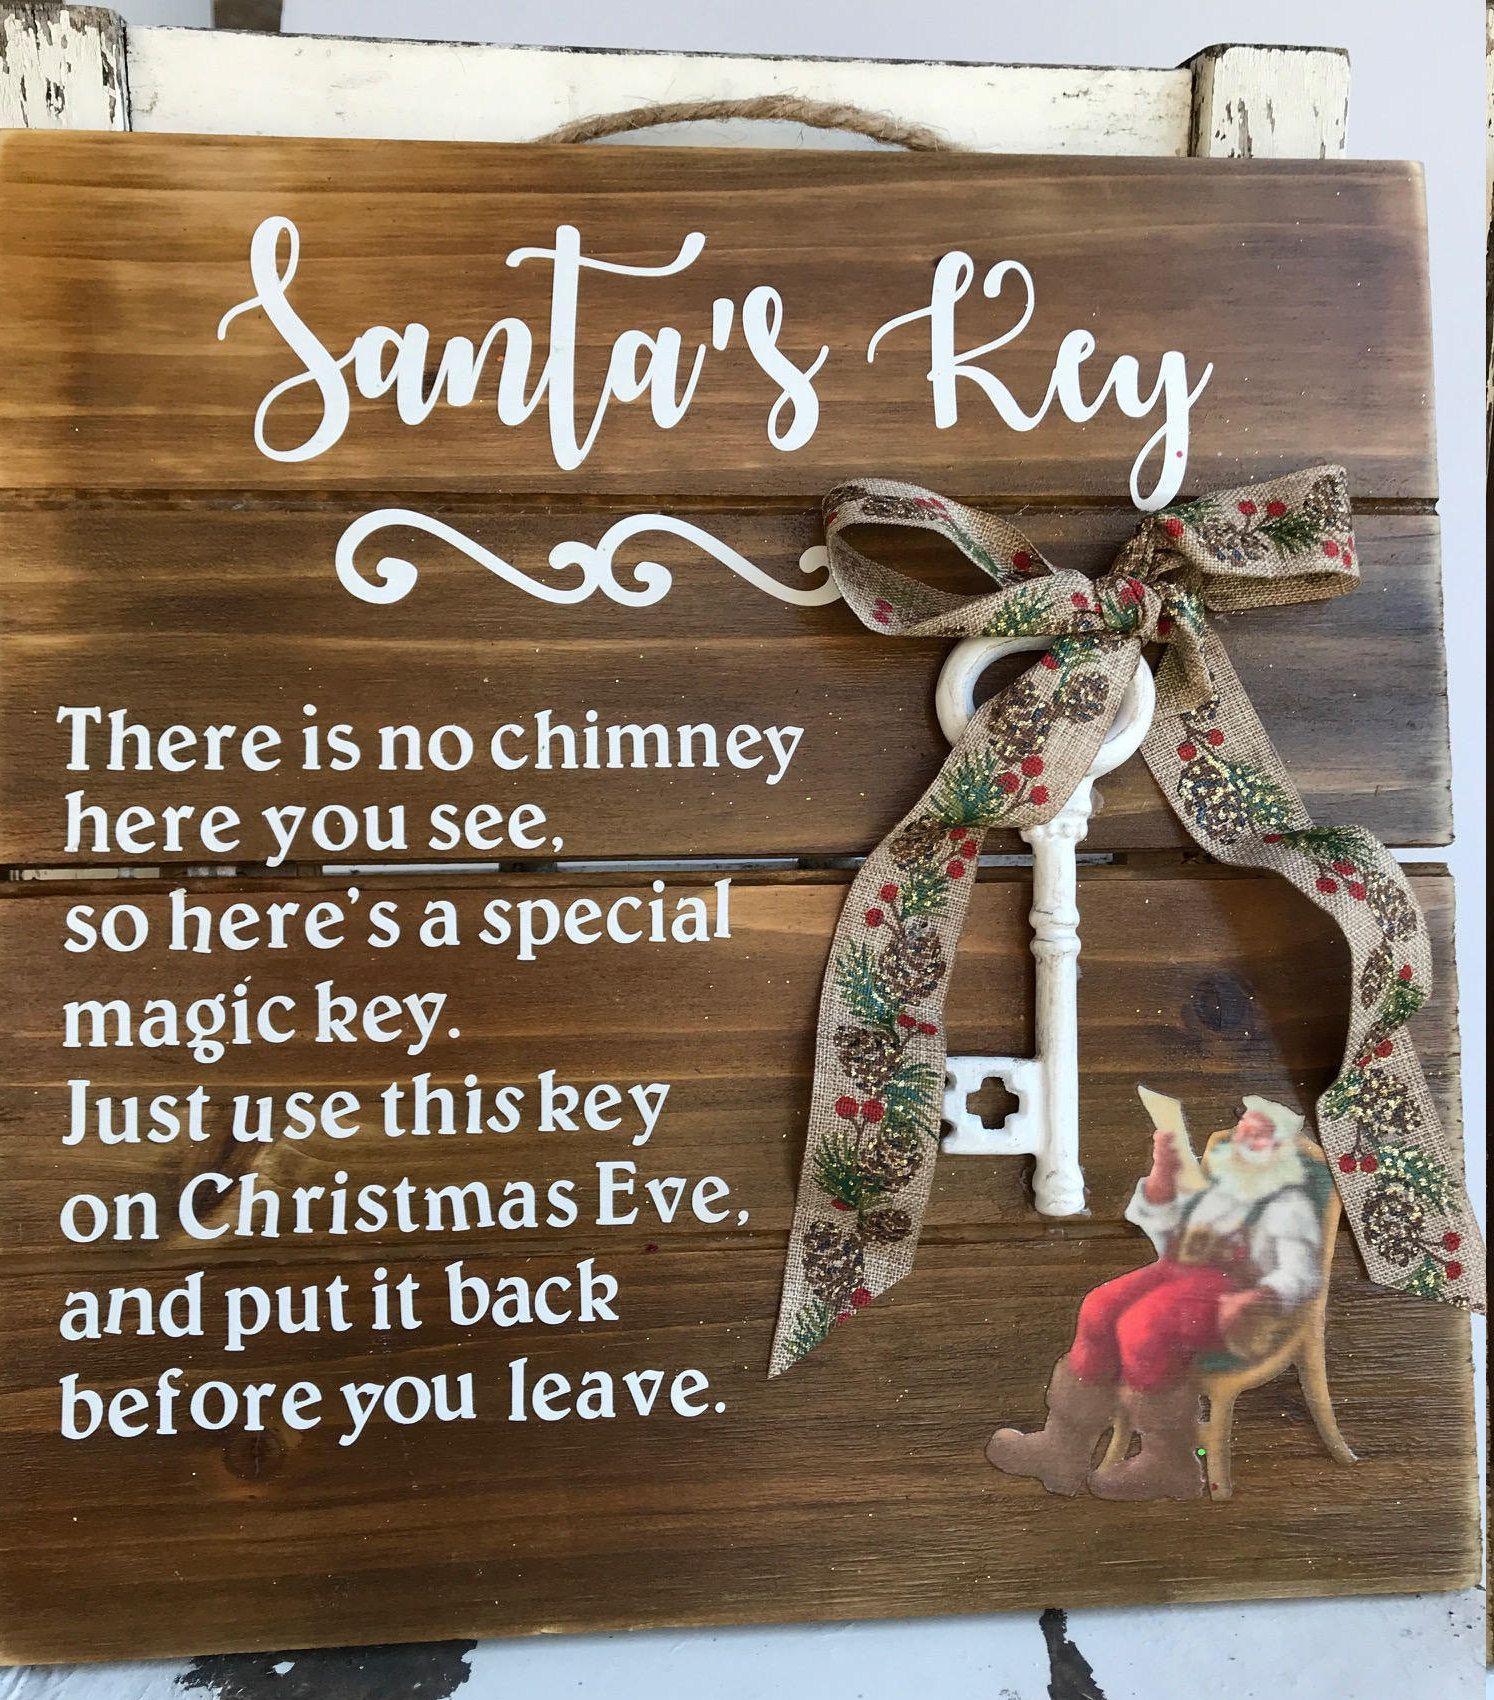 Santas Key Key for Santa Christmas Eve Key for Santa No Chimney Santas Magic Key Chri Santas Key Key for Santa Christmas Eve Key for Santa No Chimney Santas Magic Key Chr...